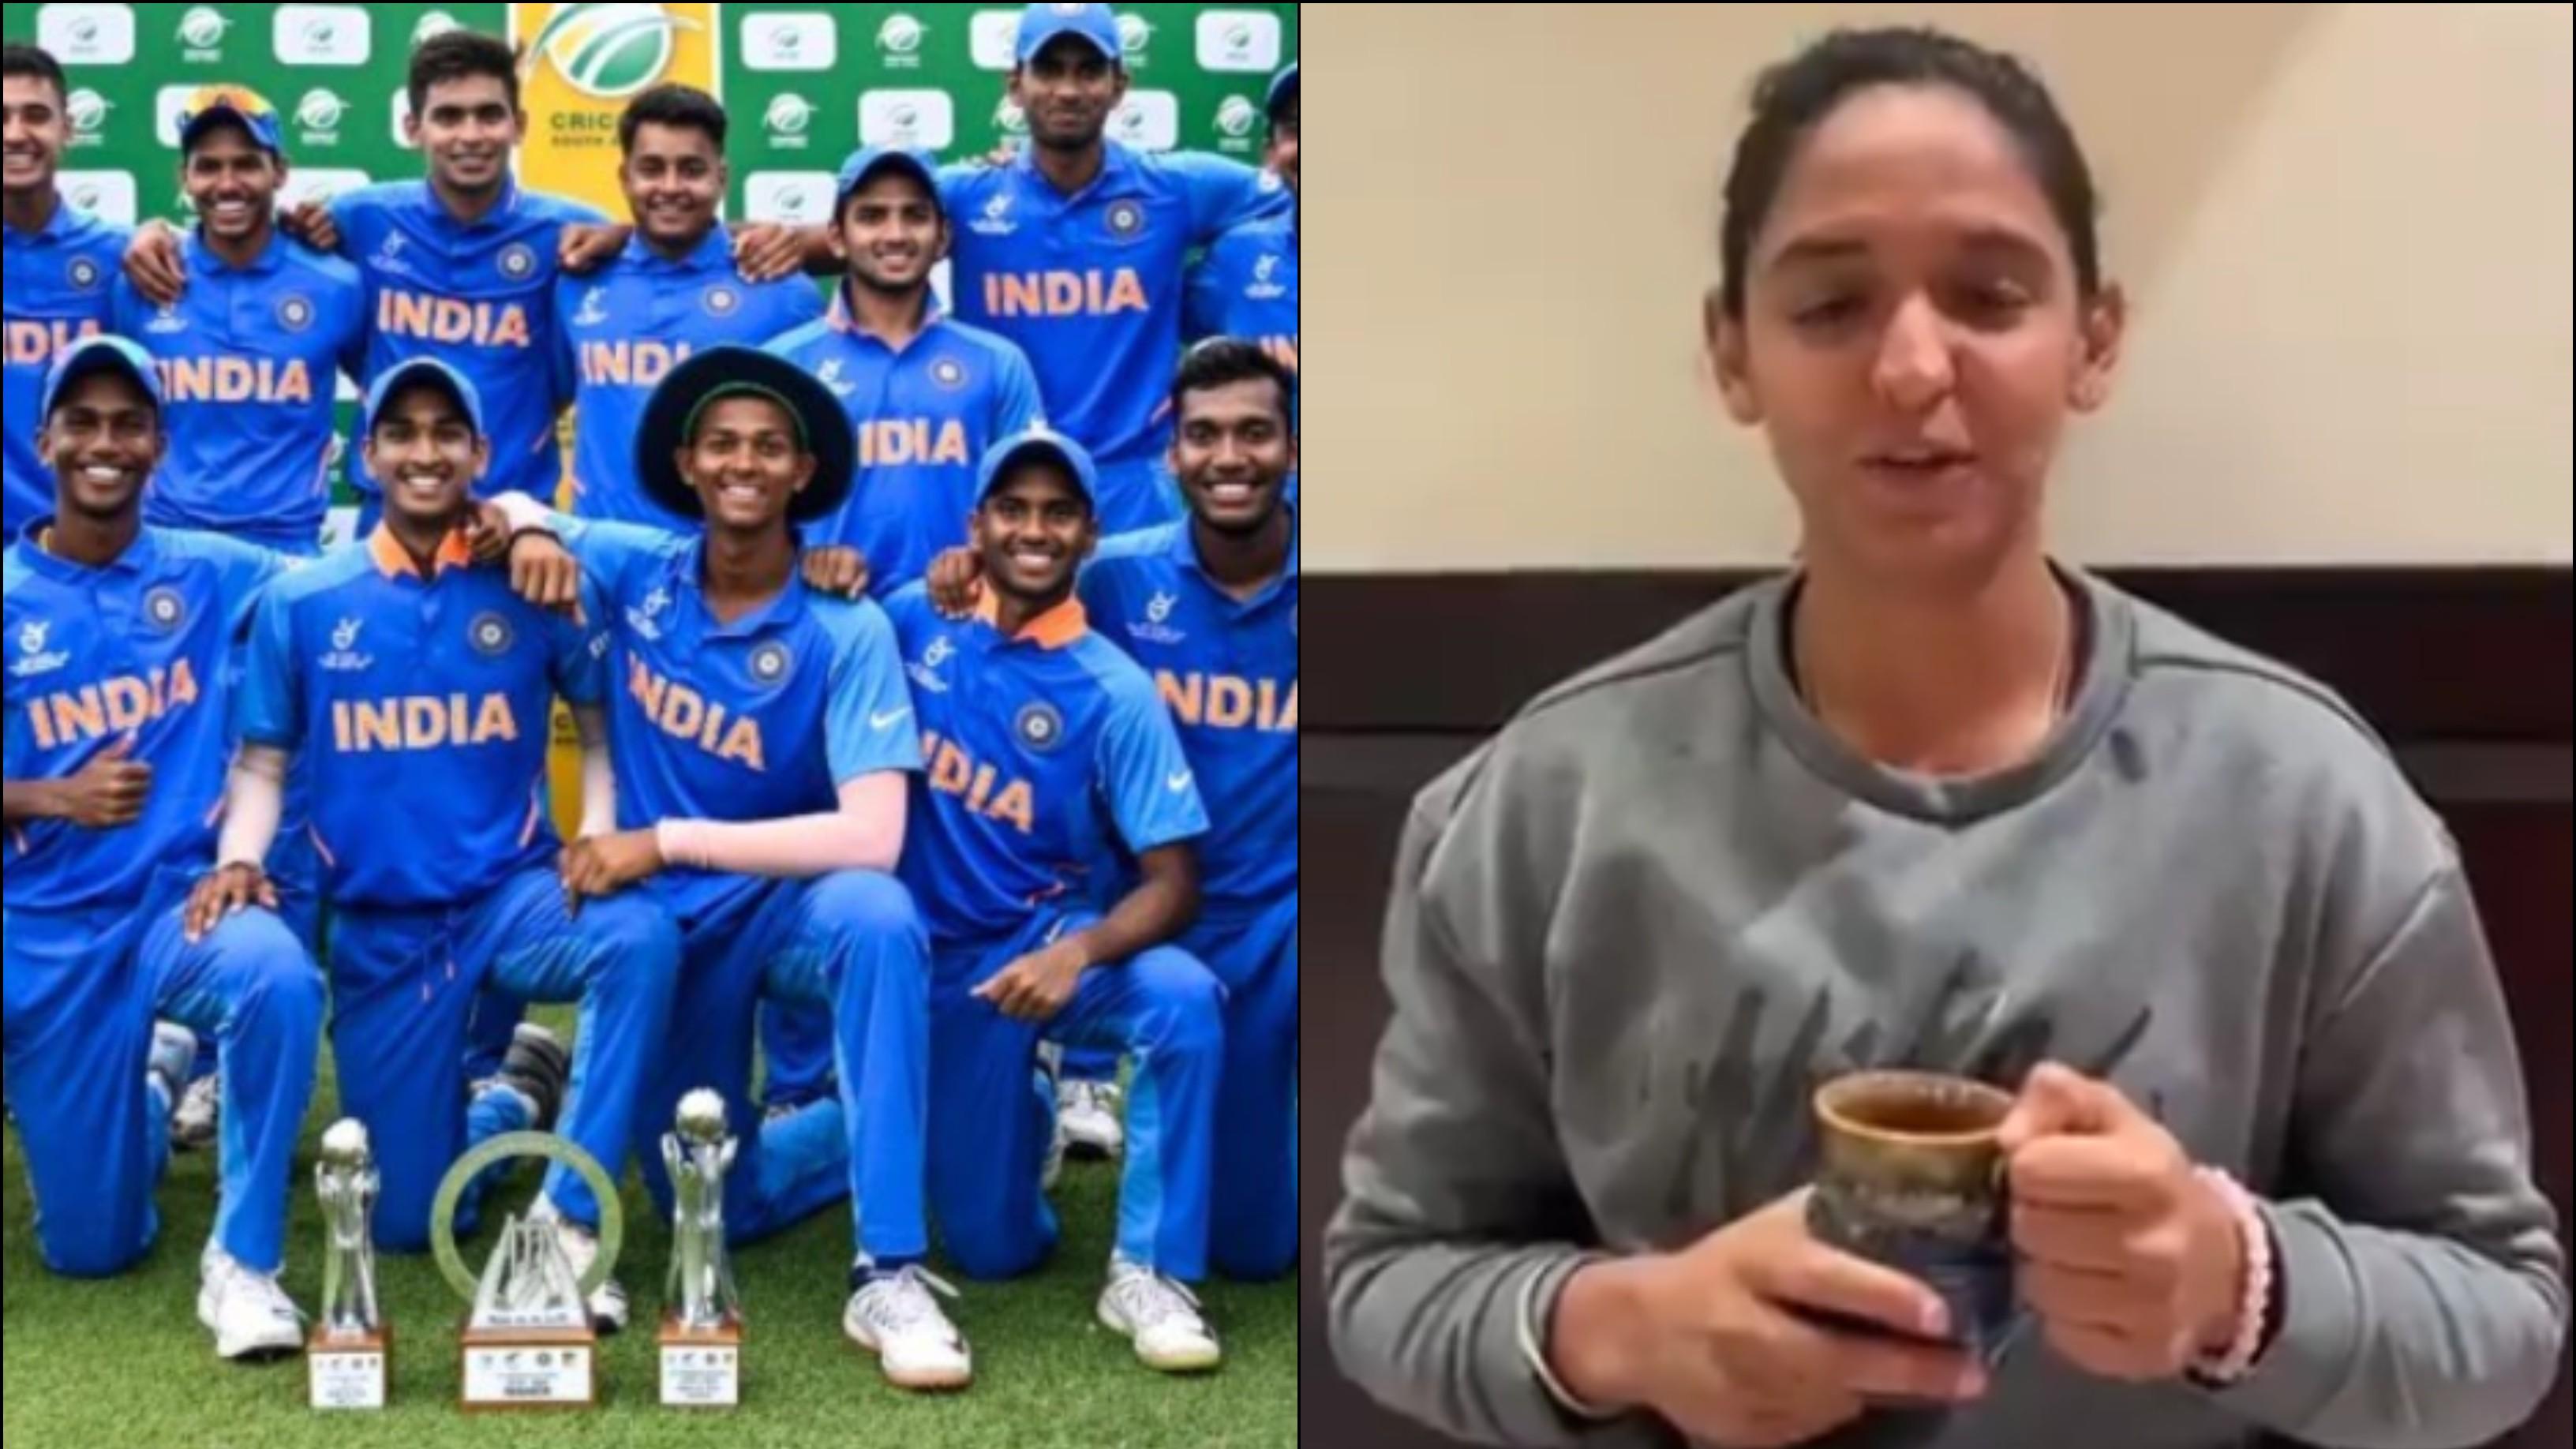 हरमनप्रीत कौर ने भारत की अंडर-19 टीम को दी आईसीसी अंडर-19 विश्वकप के लिए शुभकामनाएँ